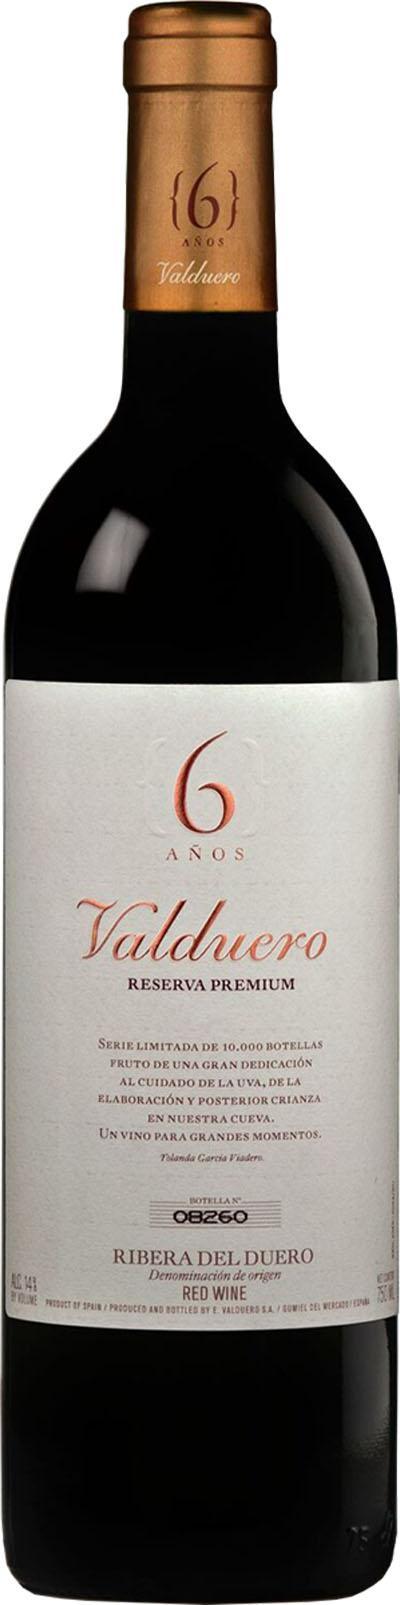 Valduero Reserva Premium 6 Anos  2009 / Bodegas Valduero